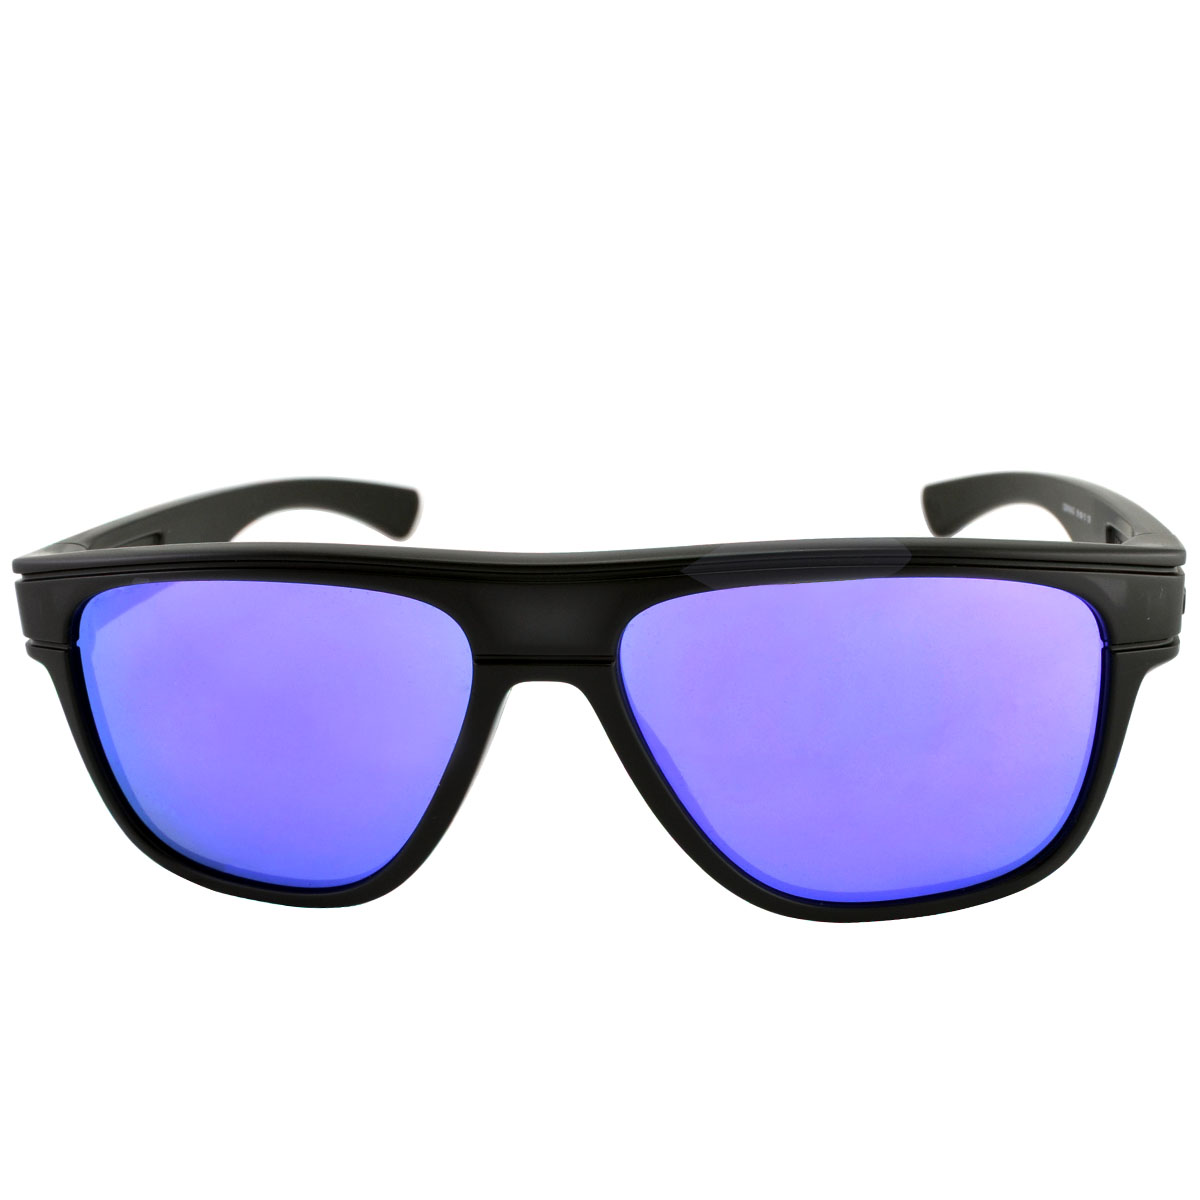 Óculos Oakley Breadbox Matte Black Ink Lente Violet Iridium ref ... f92f594ba4